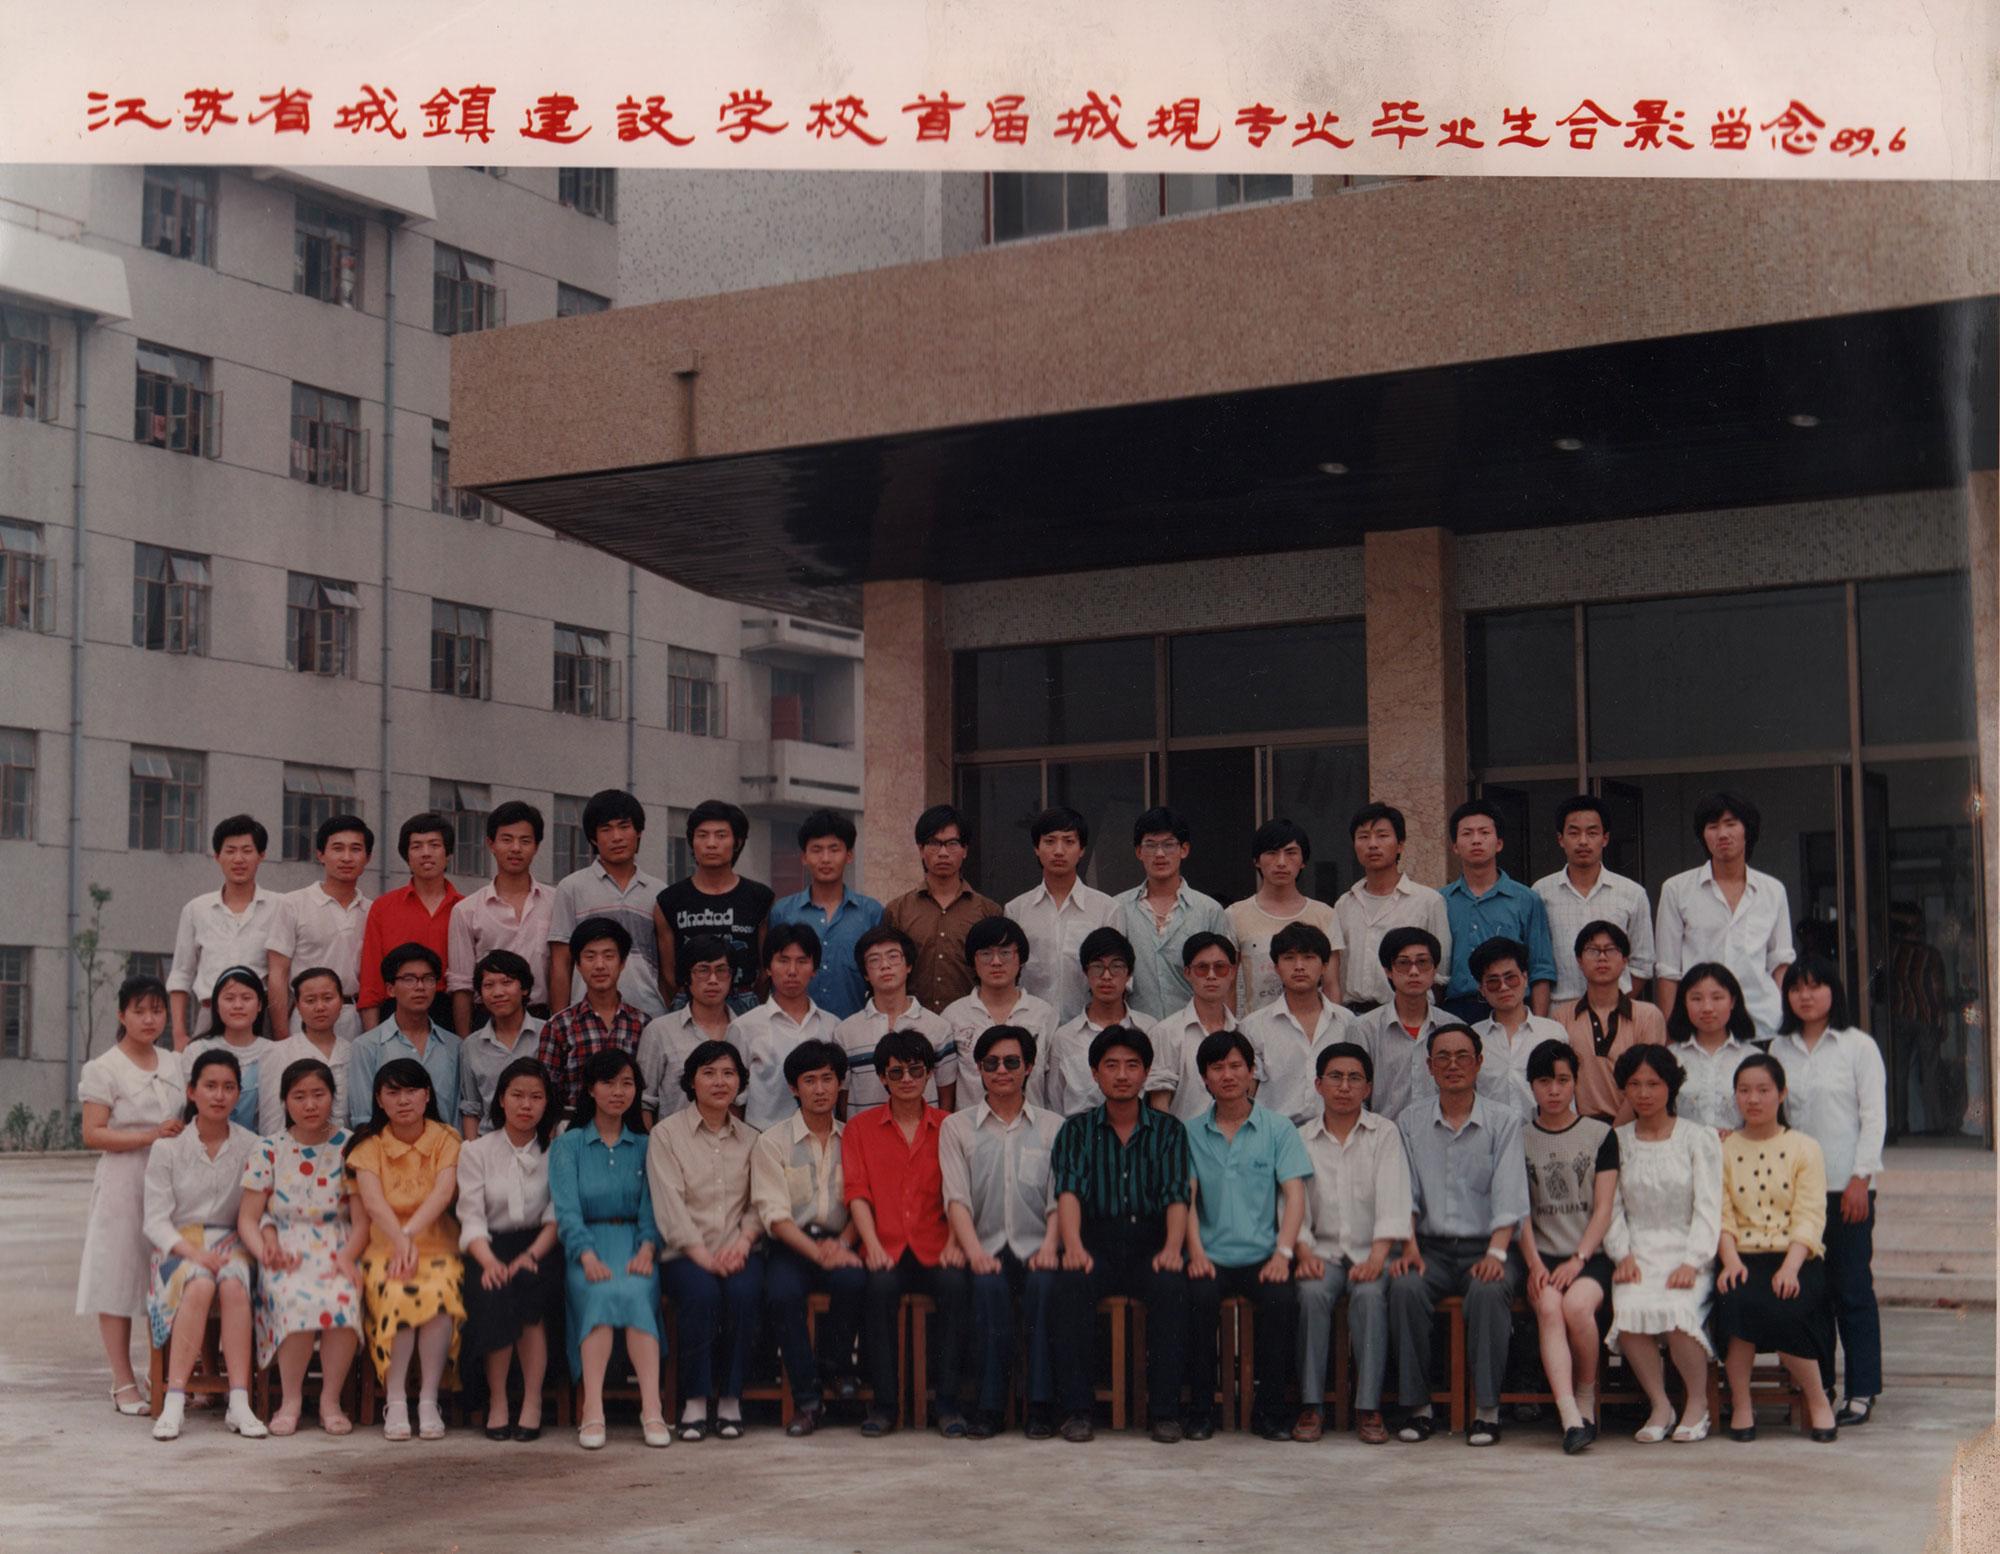 1989届城规专业毕业生合影留念